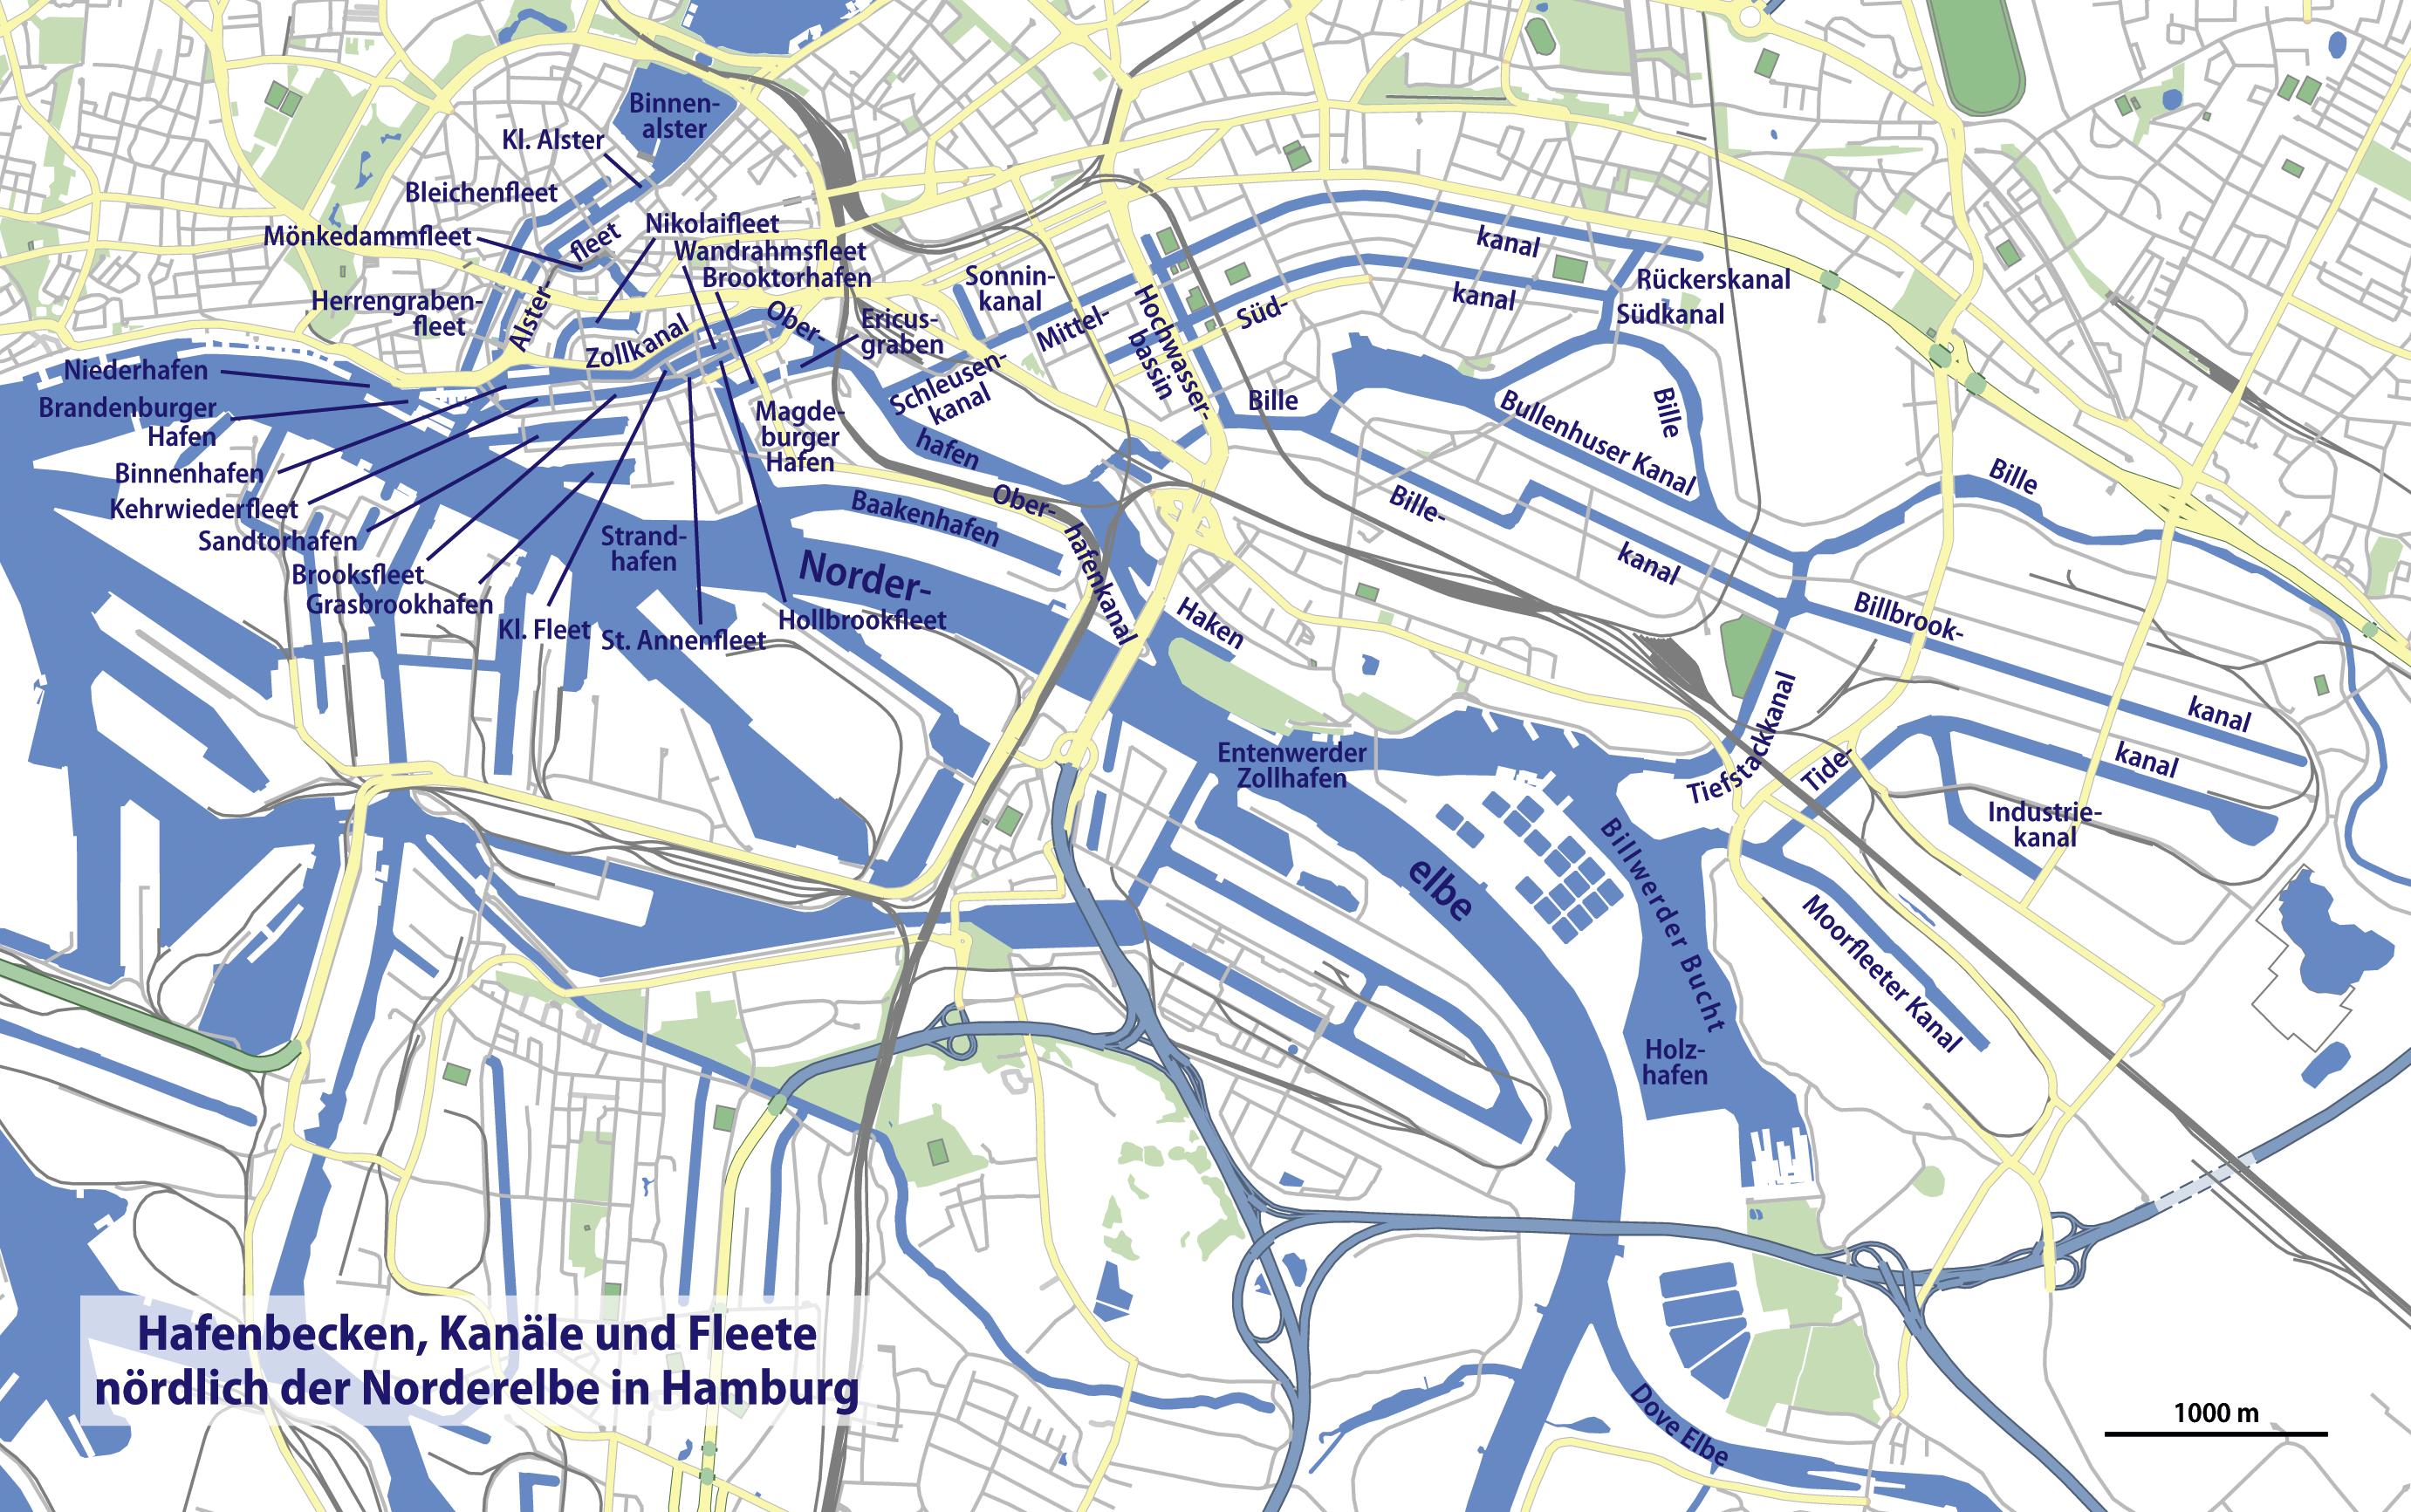 karte hafen hamburg File:Karte Hamburger Hafen nördlich der Norderelbe.png   Wikimedia